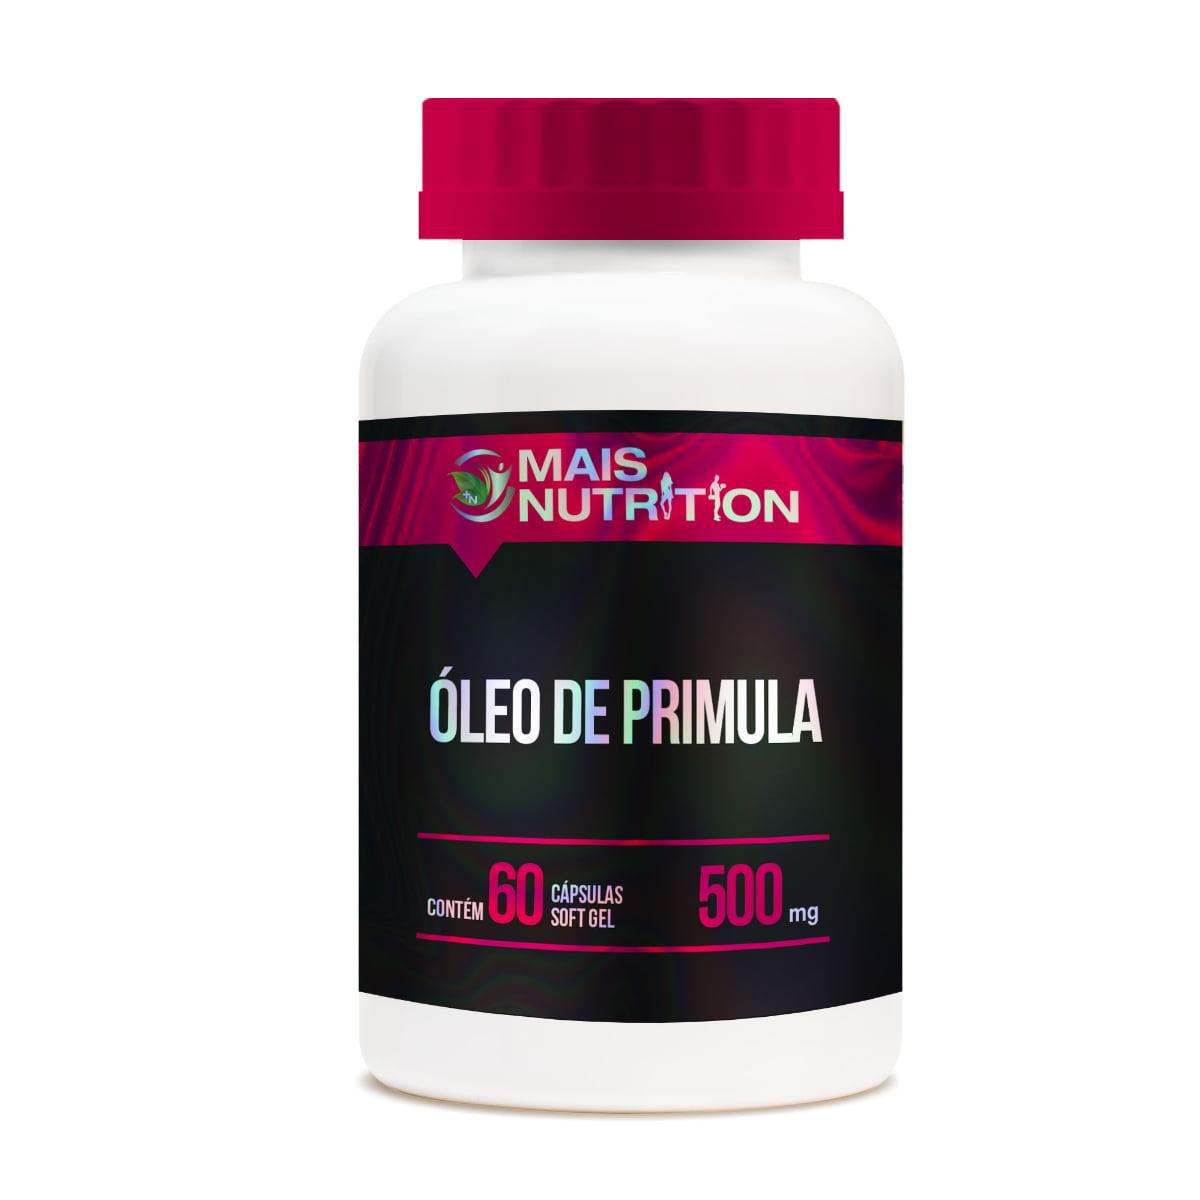 50 Oleo de Primula 60 capsulas Mais Nutrition